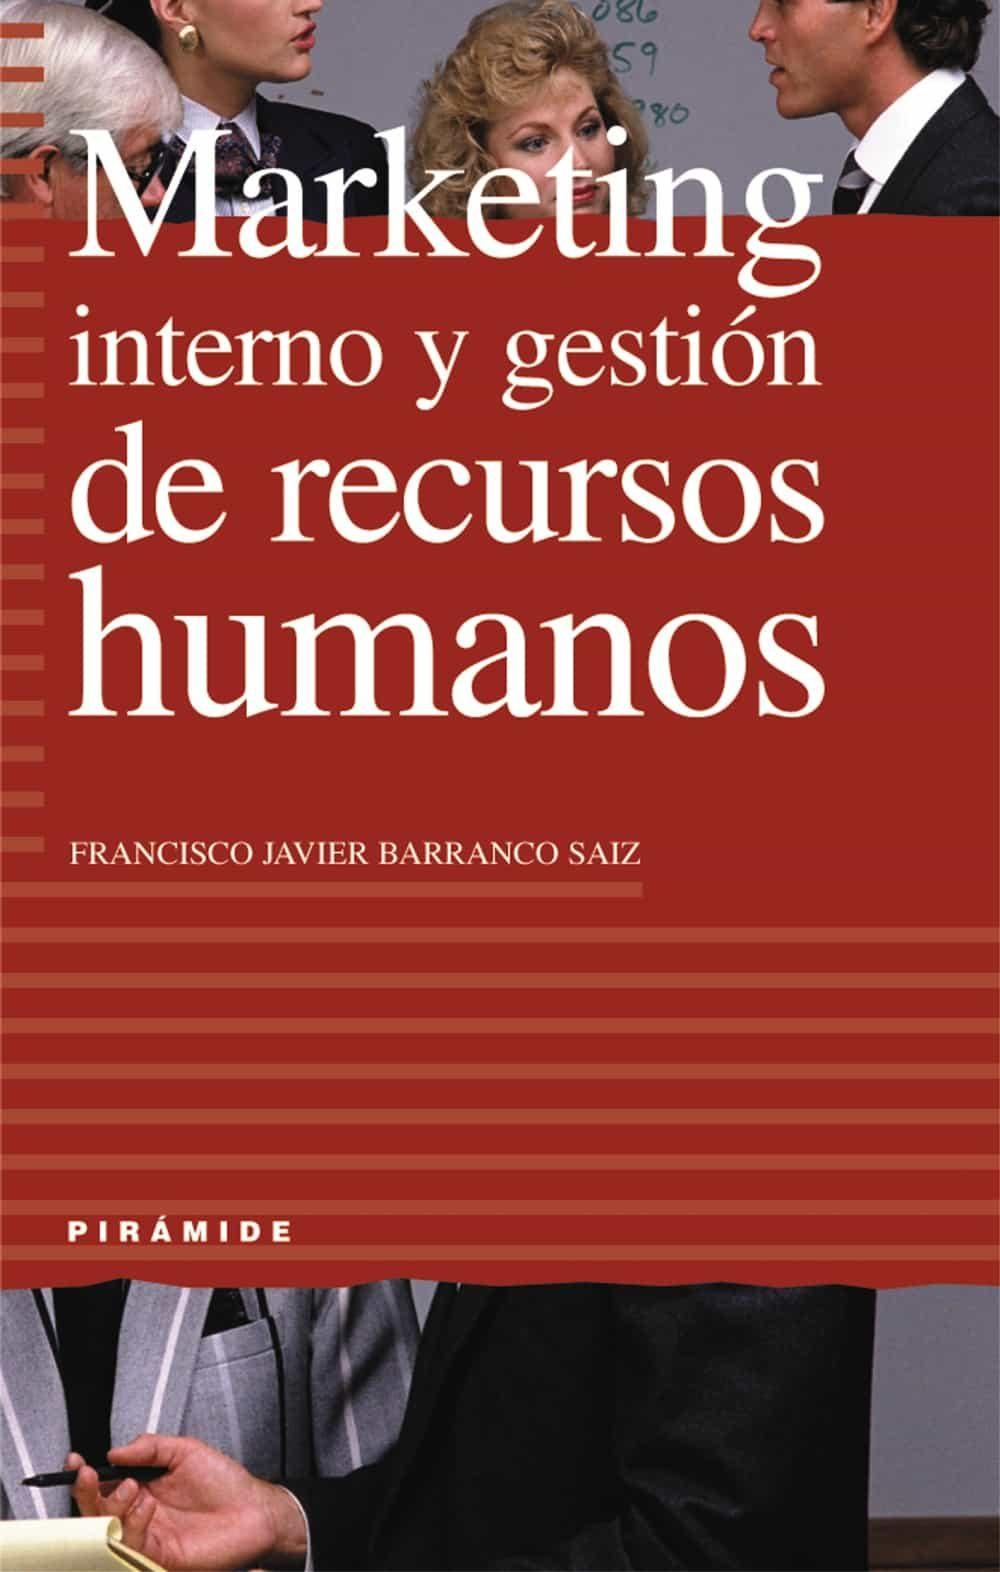 marketing interno y gestion de recursos humanos-francisco javier barranco-9788436814569